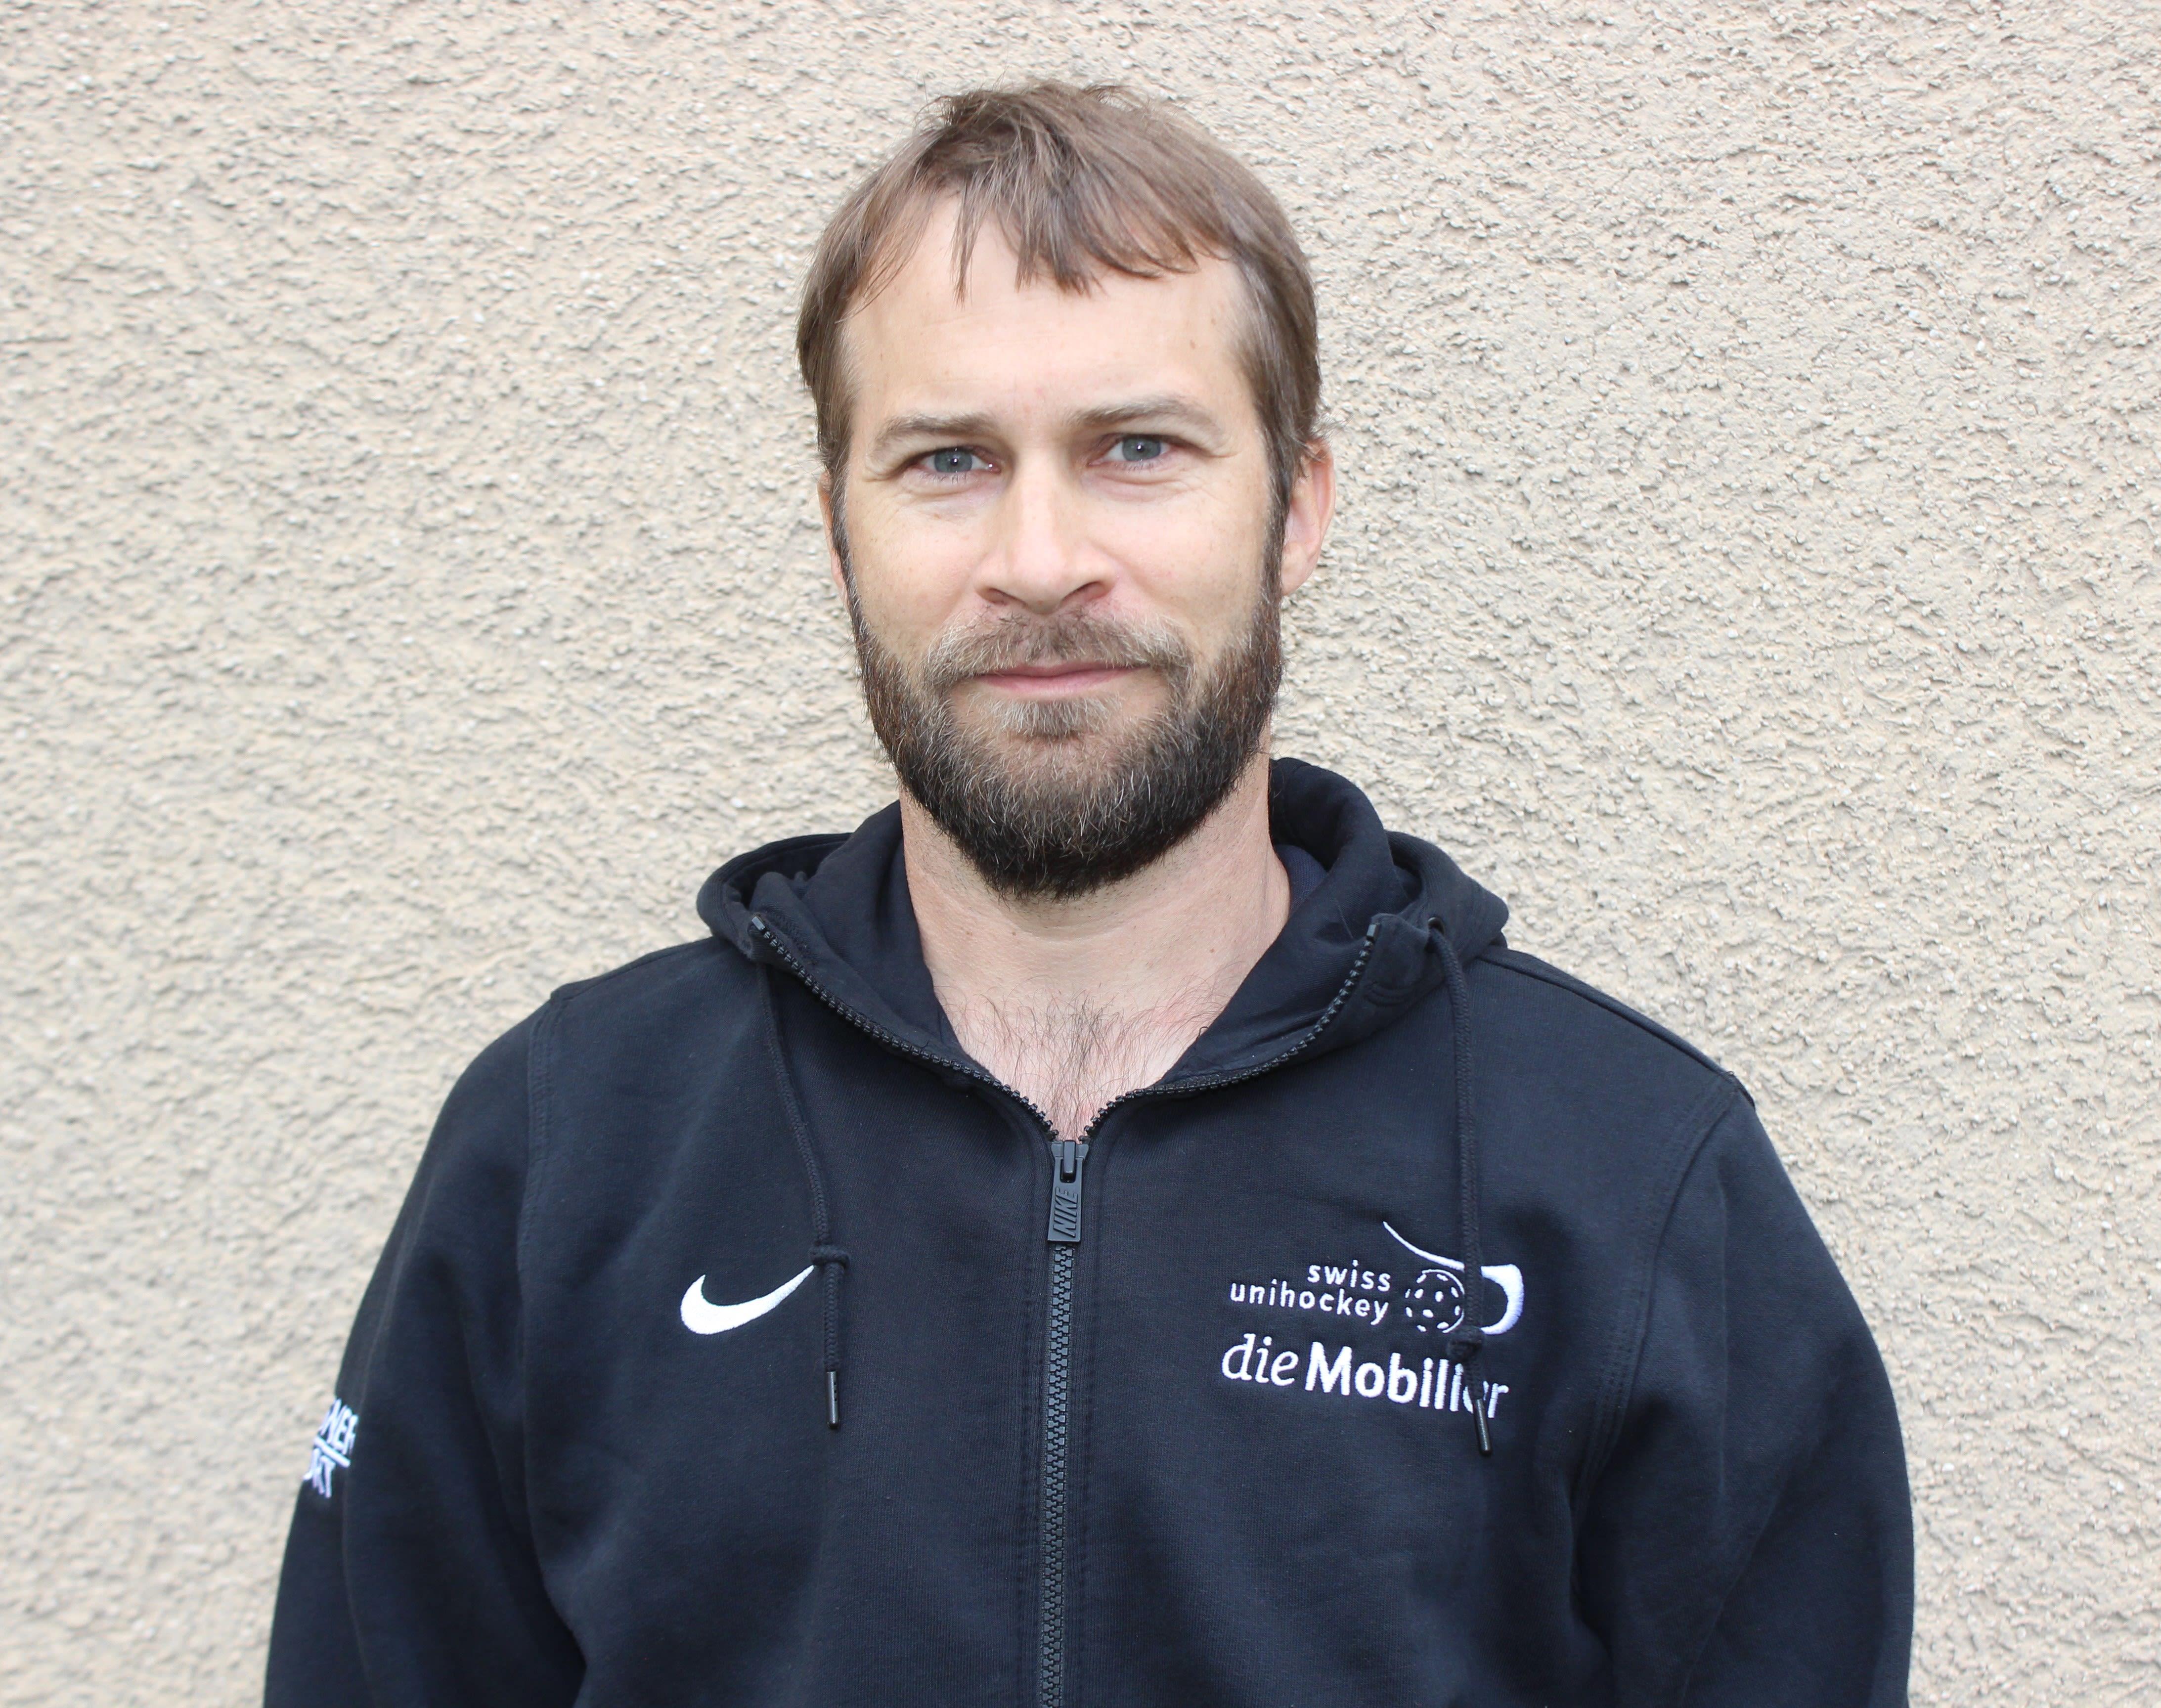 Stefan Bürki_ANK.JPG